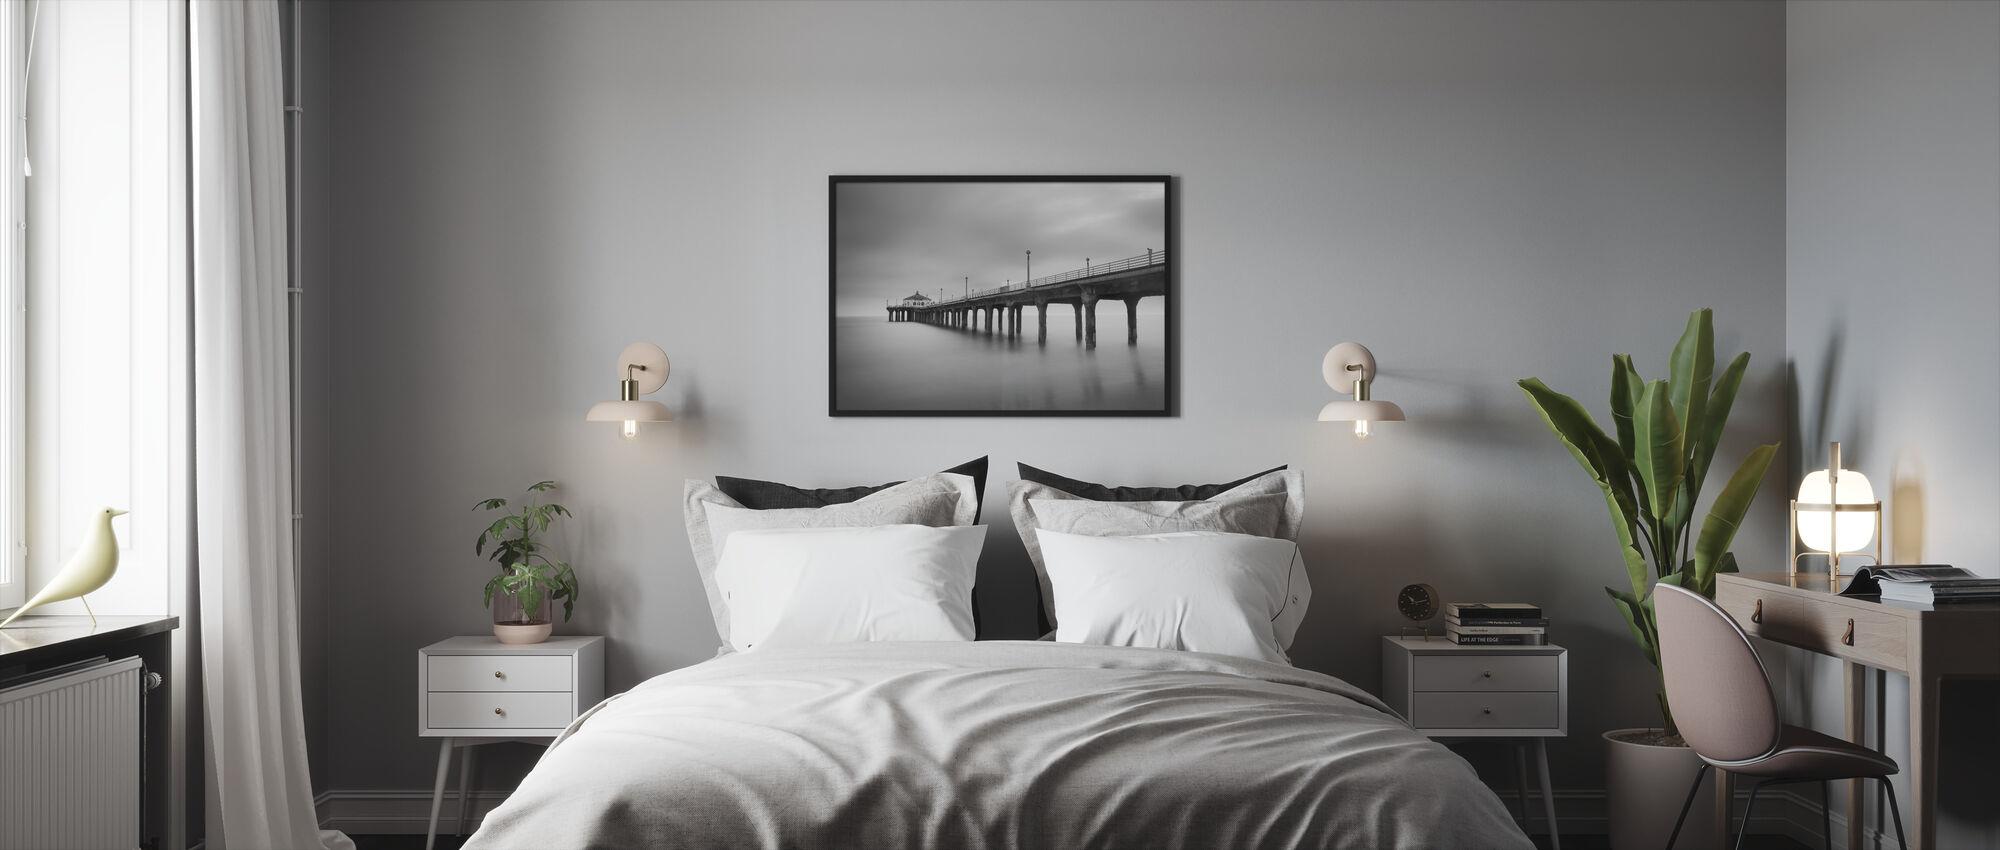 Manhattan Pier - Framed print - Bedroom